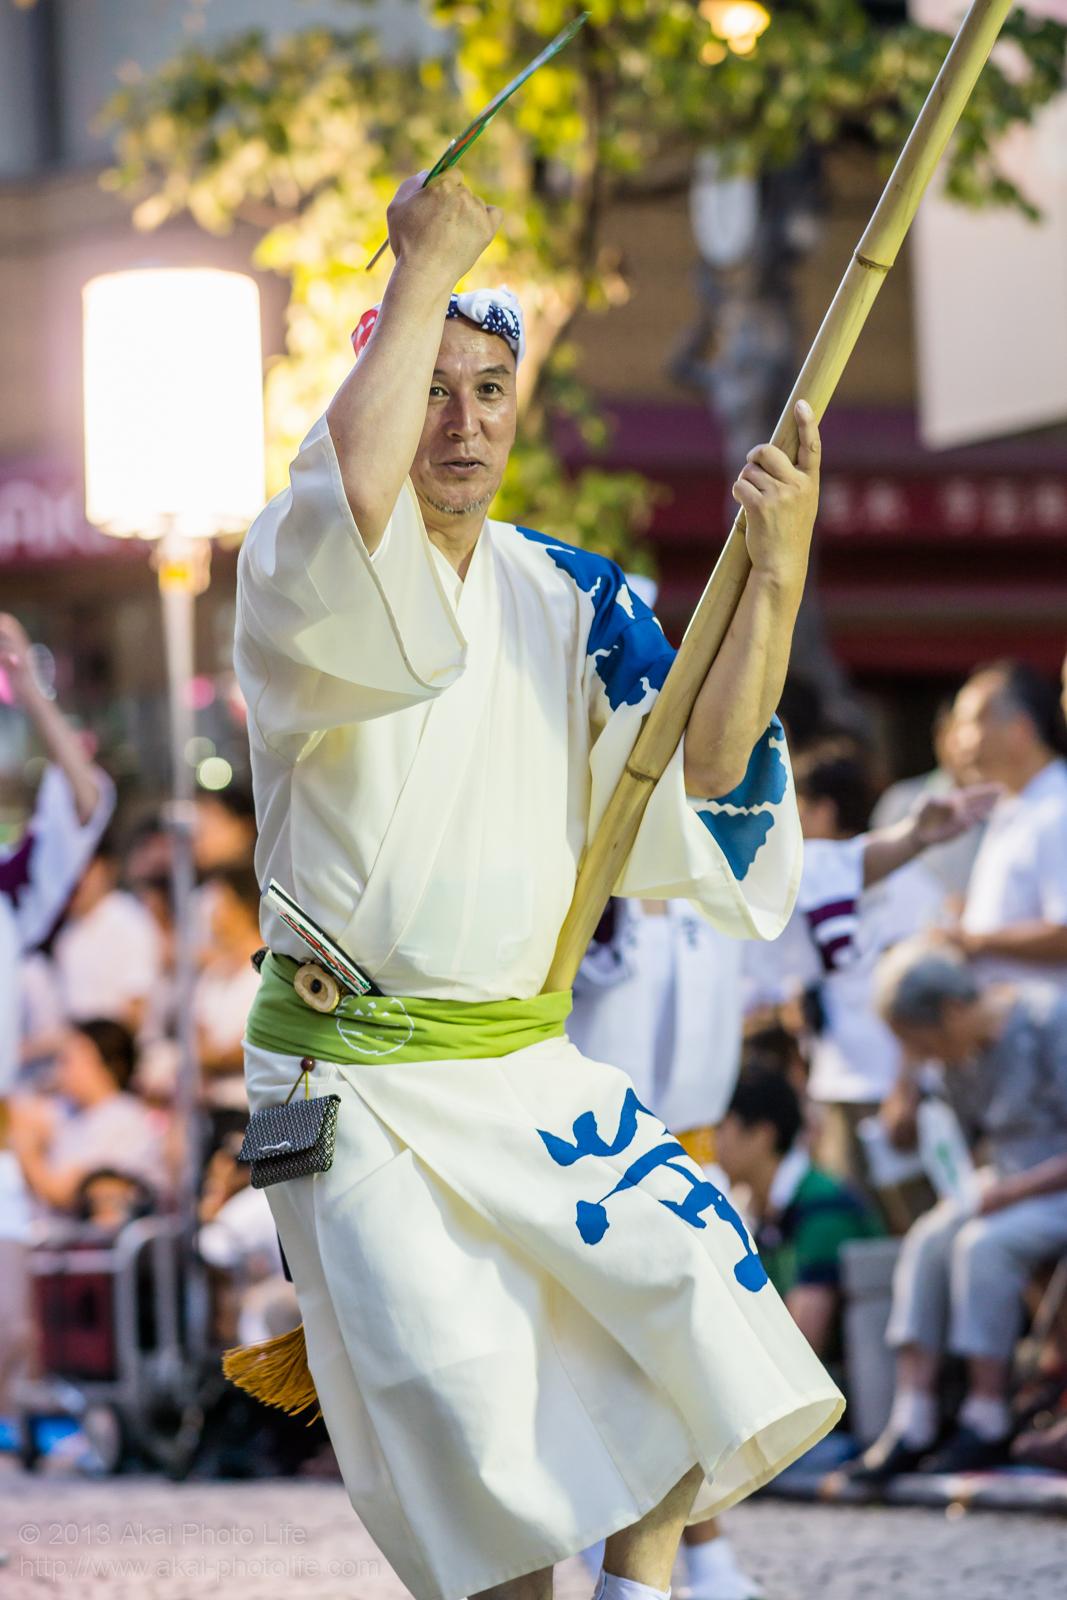 三鷹阿波踊り、江戸の阿波 螢の高張提灯を持つ連長